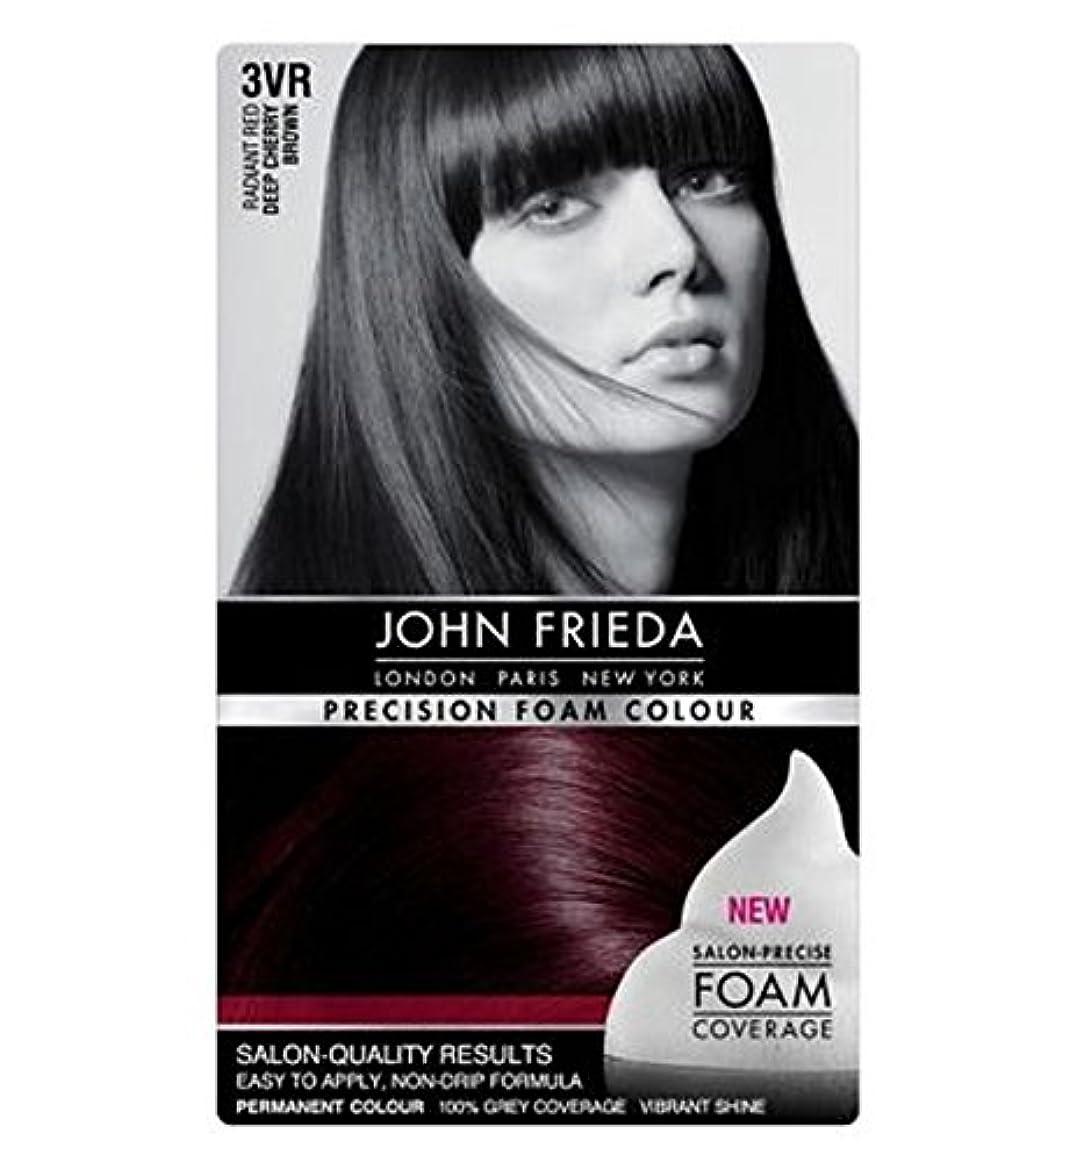 ファシズム共和党プロジェクタージョン?フリーダ精密泡カラー3Vr深いチェリーブラウン (John Frieda) (x2) - John Frieda Precision Foam Colour 3VR Deep Cherry Brown (Pack...